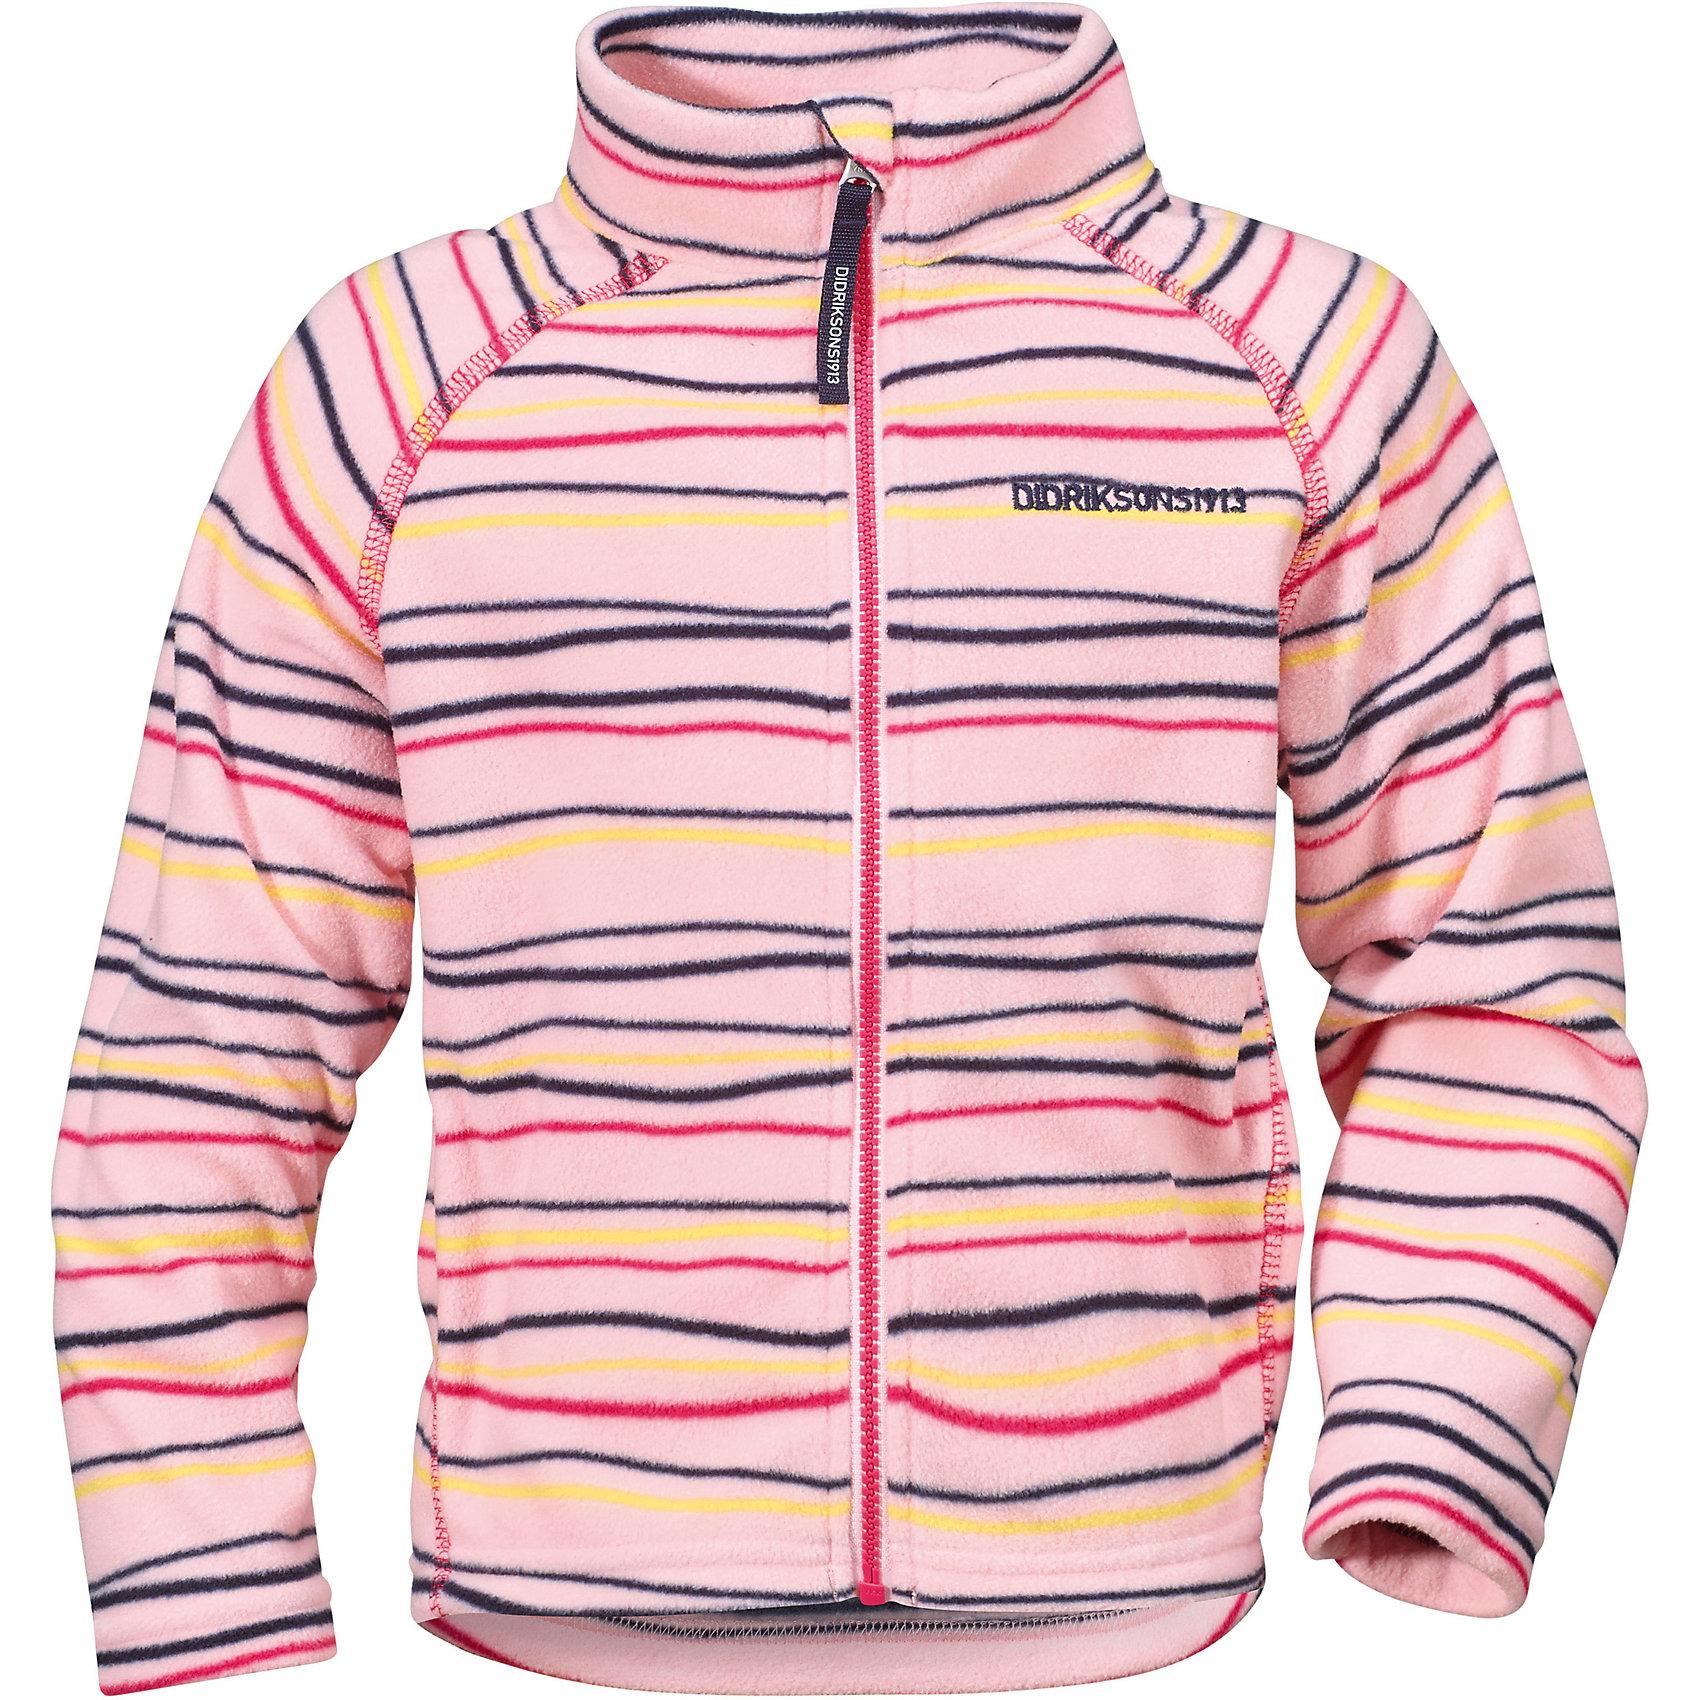 Толстовка MONTE KIDS PRINT для девочки DIDRIKSONSФлис и термобелье<br>Толстовка из тонкого флиса. Мягкий и комфортный флис обладает хорошими теплоизоляционными свойствами, которые сохраняются даже во влажном состоянии. Этот материал прост в уходе (допускается стирка в машине). Весной и летом эта модель будет работать как самостоятельная верхняя одежда, а в ненастную погоду ее можно использовать как утепляющий слой под водонепроницаемую верхнюю одежду.<br>Состав:<br>100% полиэстер<br><br>Ширина мм: 356<br>Глубина мм: 10<br>Высота мм: 245<br>Вес г: 519<br>Цвет: розовый<br>Возраст от месяцев: 12<br>Возраст до месяцев: 18<br>Пол: Женский<br>Возраст: Детский<br>Размер: 80,120,110,100,130,90<br>SKU: 5576839